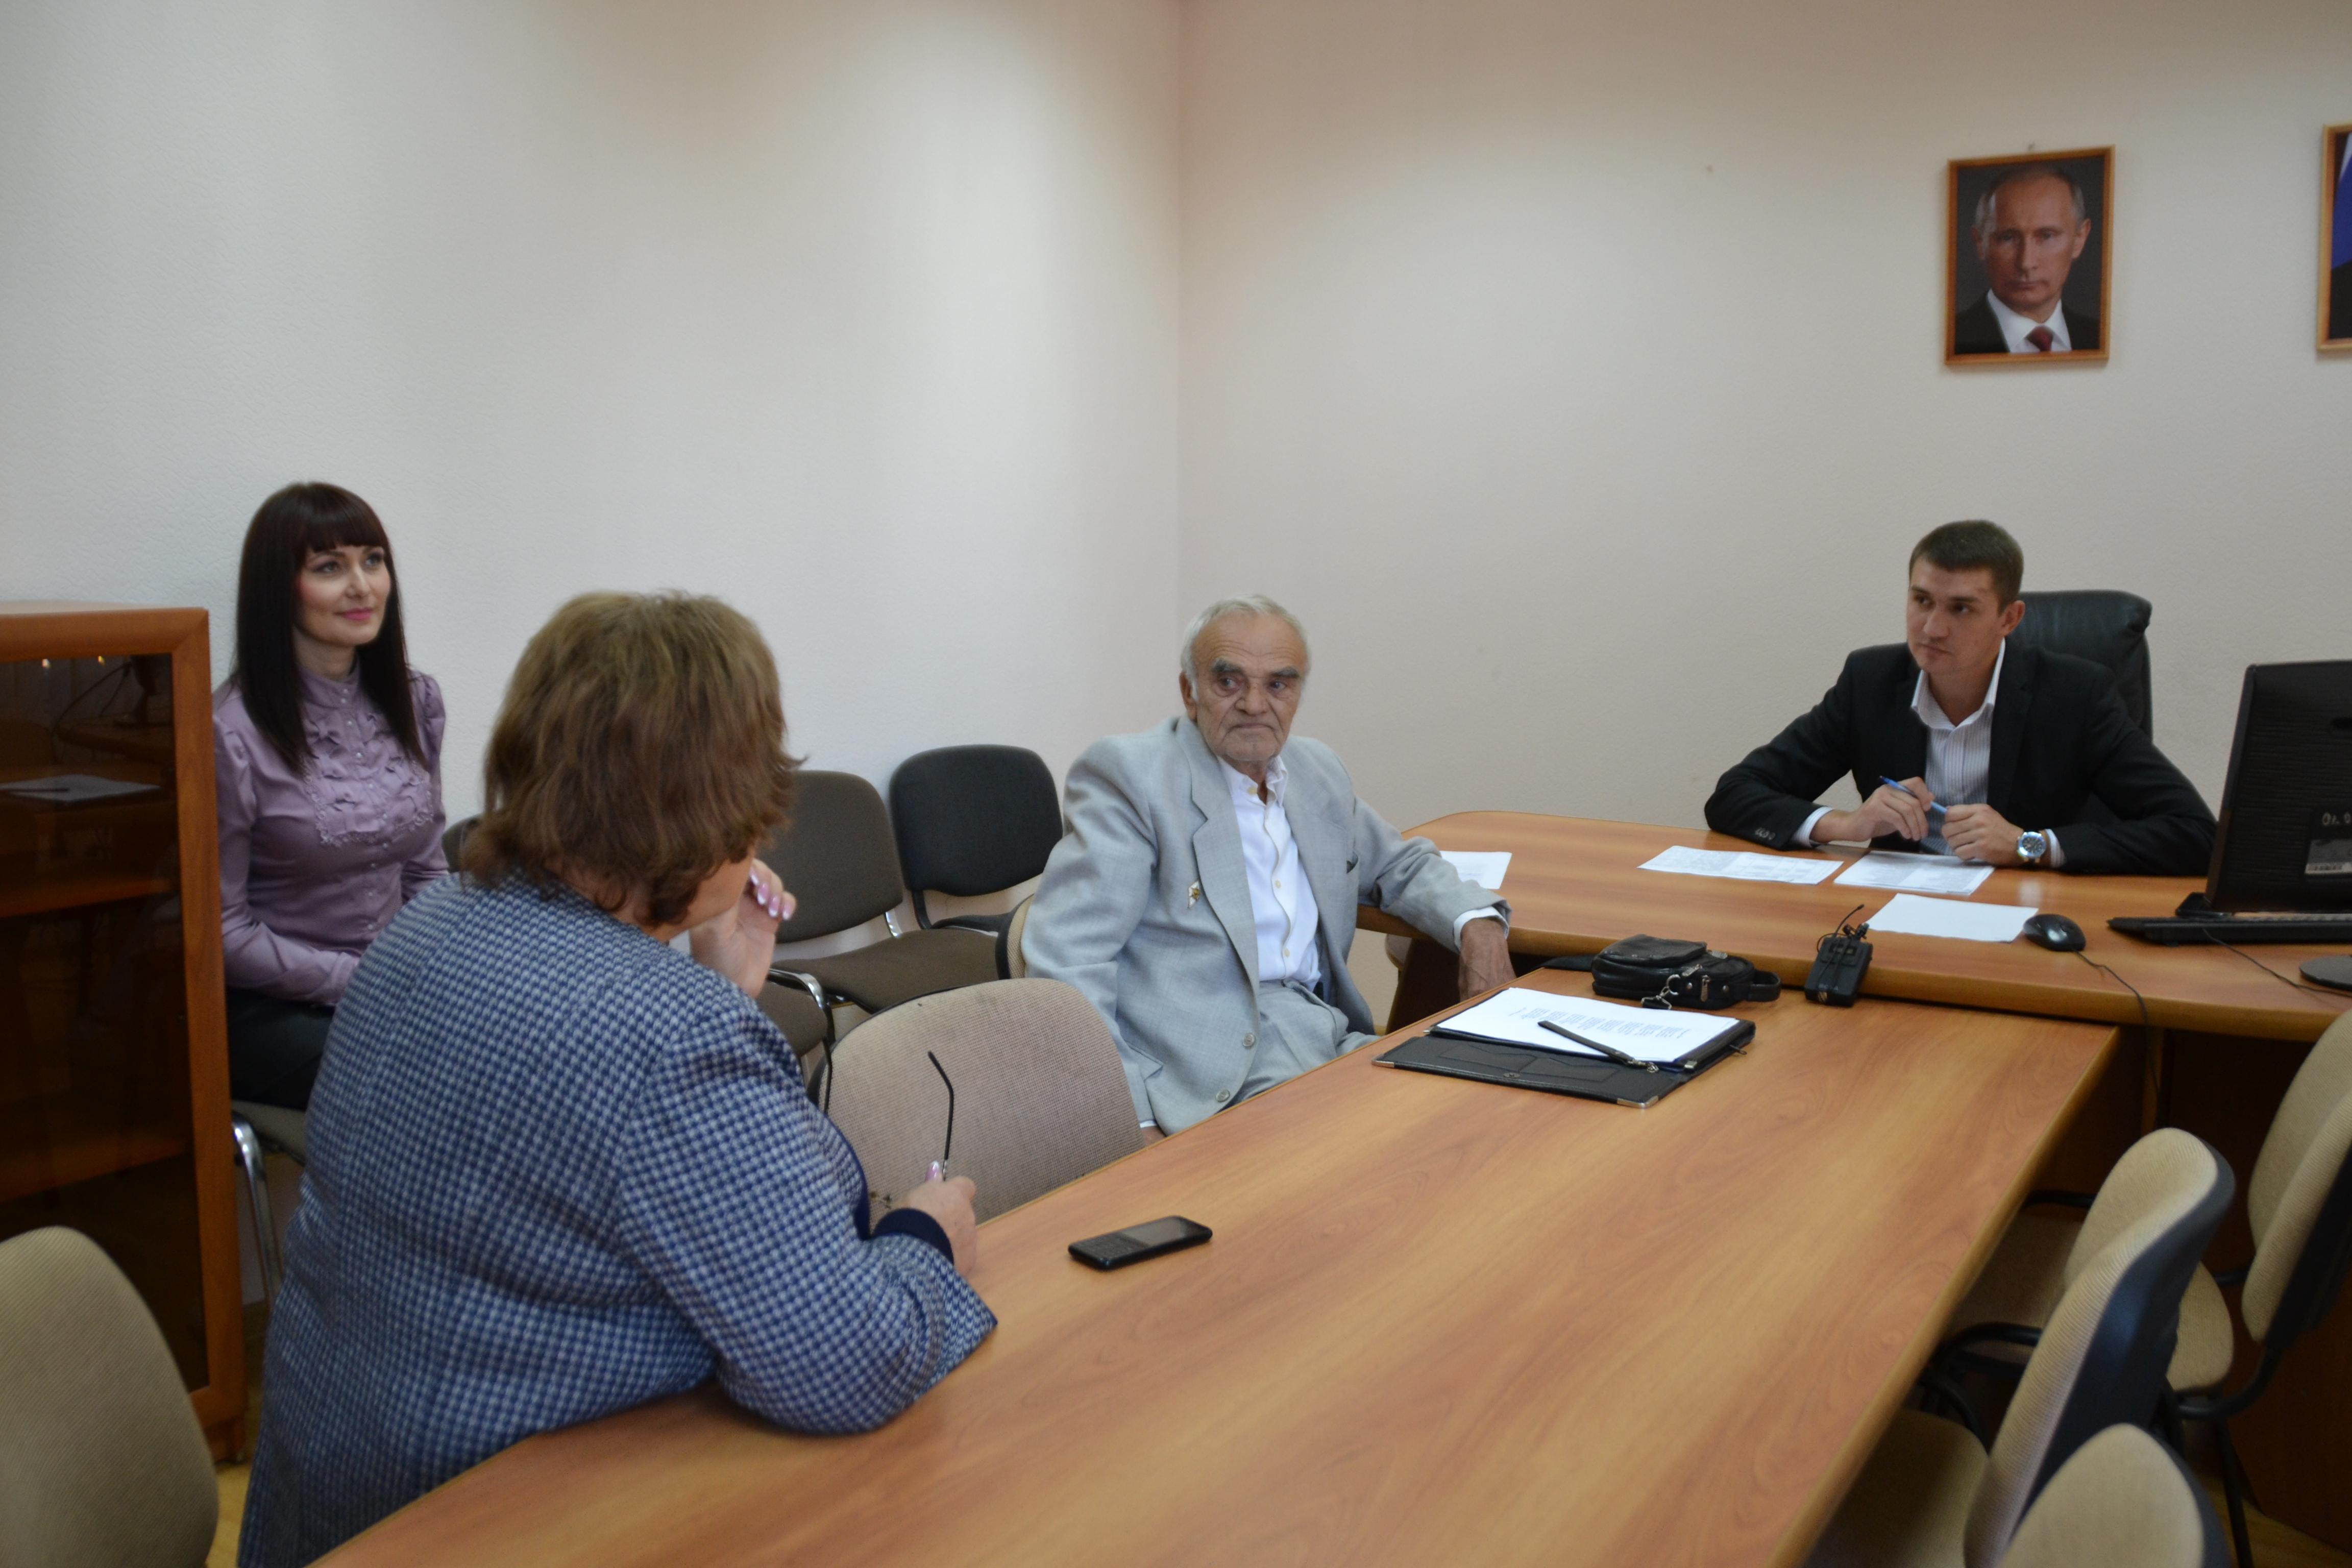 Председатель Совета Туапсе Владимир Стародубцев провел личный прием граждан